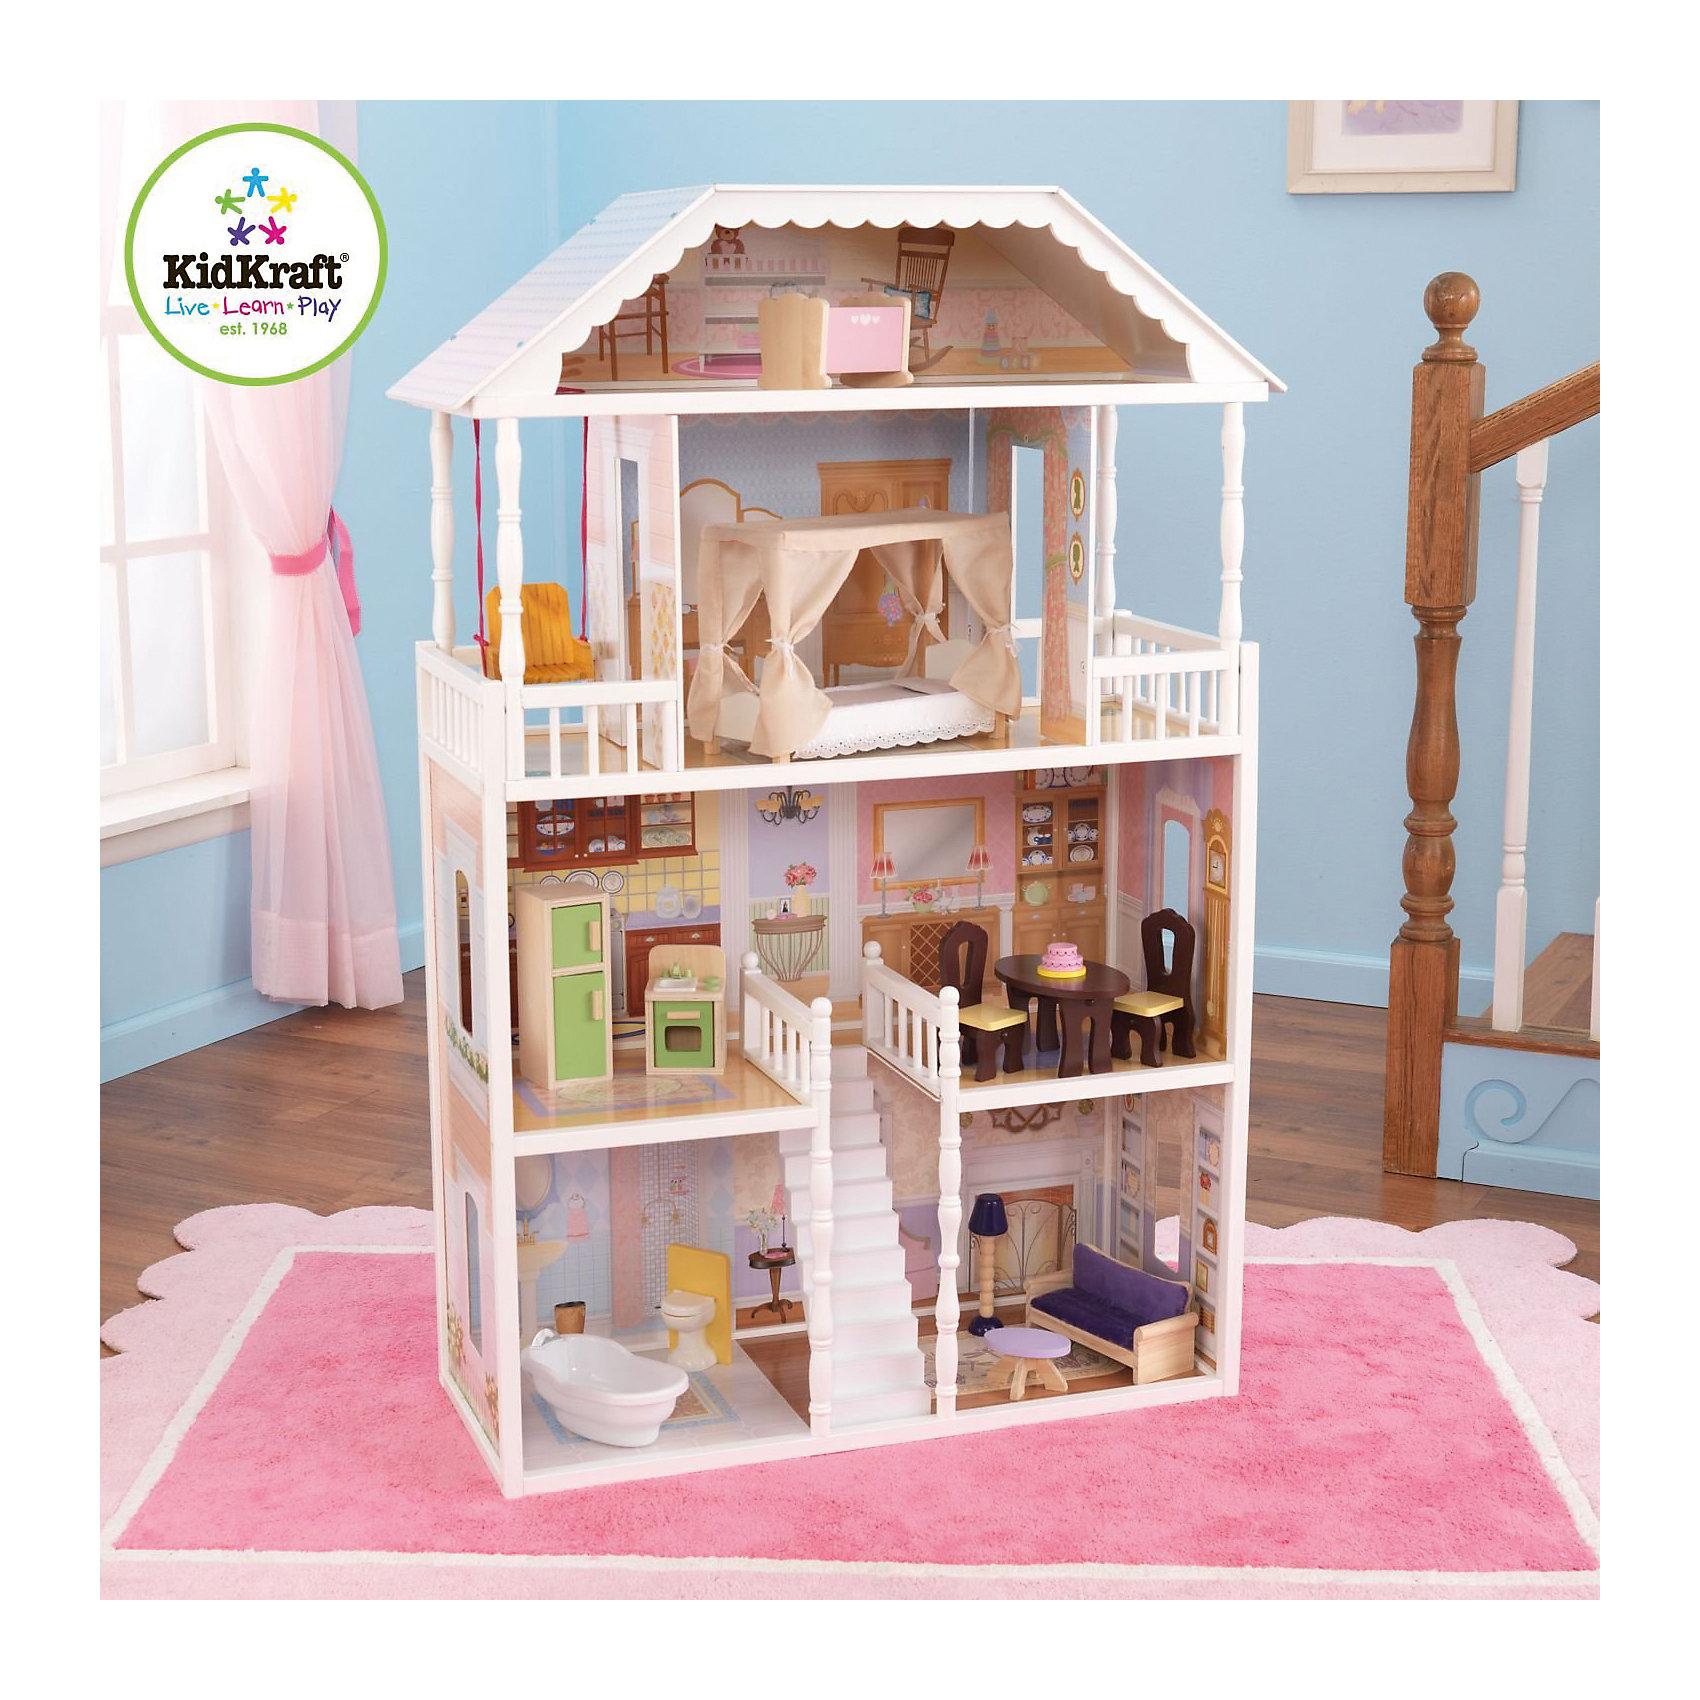 KidKraft Кукольный домик для Барби Саванна (Savannah), с мебелью, 14 предм., KidKraft kidkraft кукольный домик амелия с мебелью 14 элементов